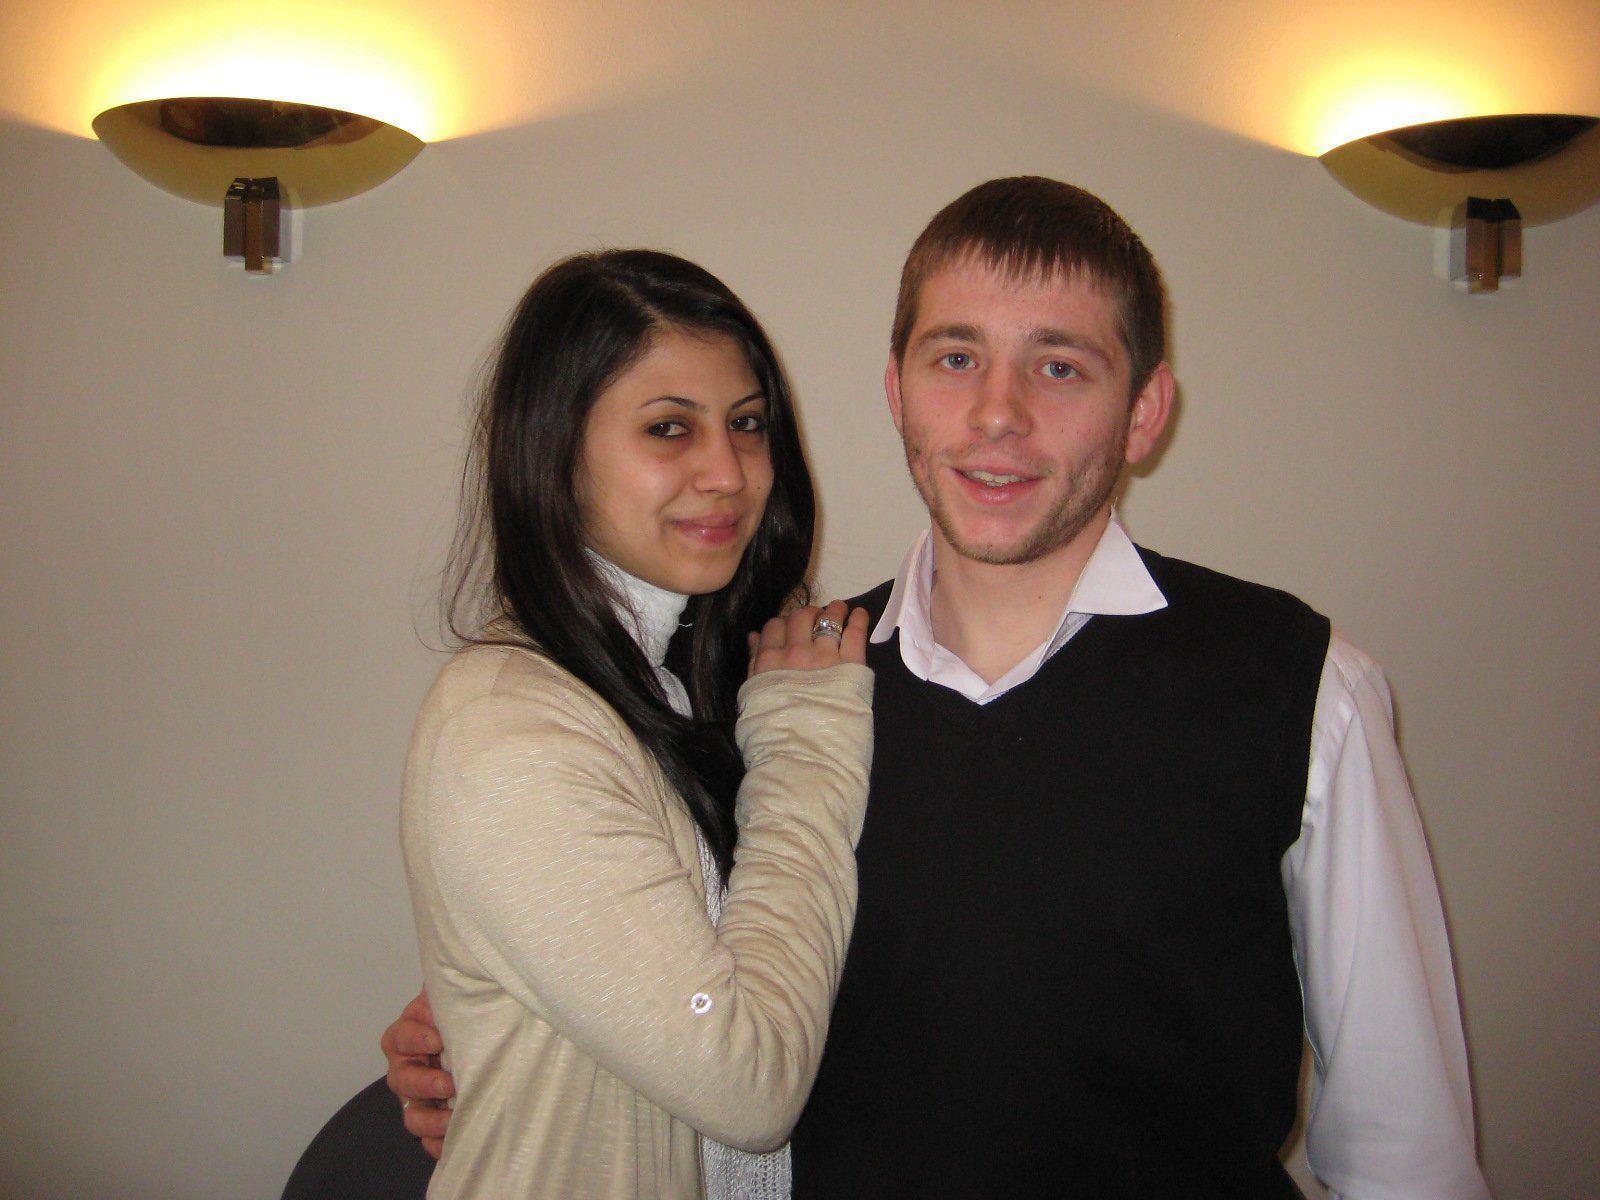 Burcu Ünal und Adem Imamoglu haben geheiratet.